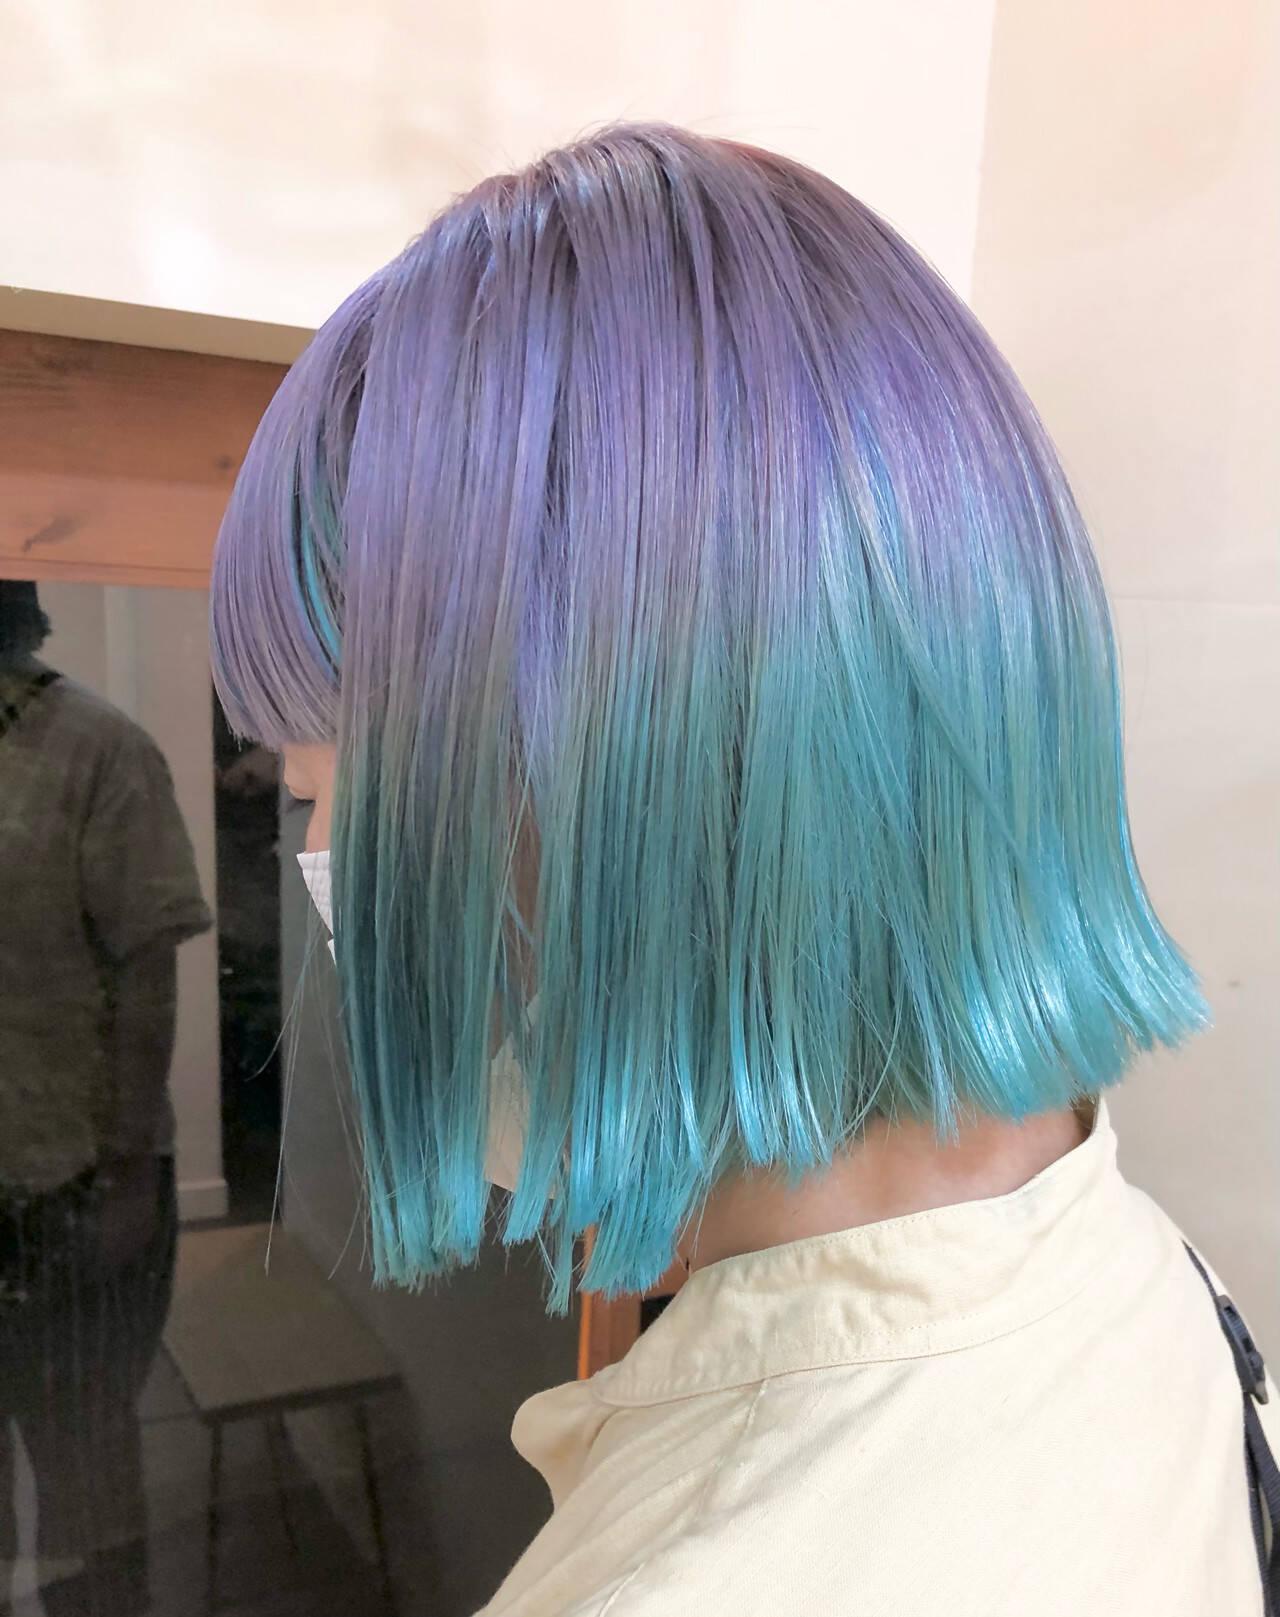 ボブ ストリート インナーグリーン ユニコーンカラーヘアスタイルや髪型の写真・画像